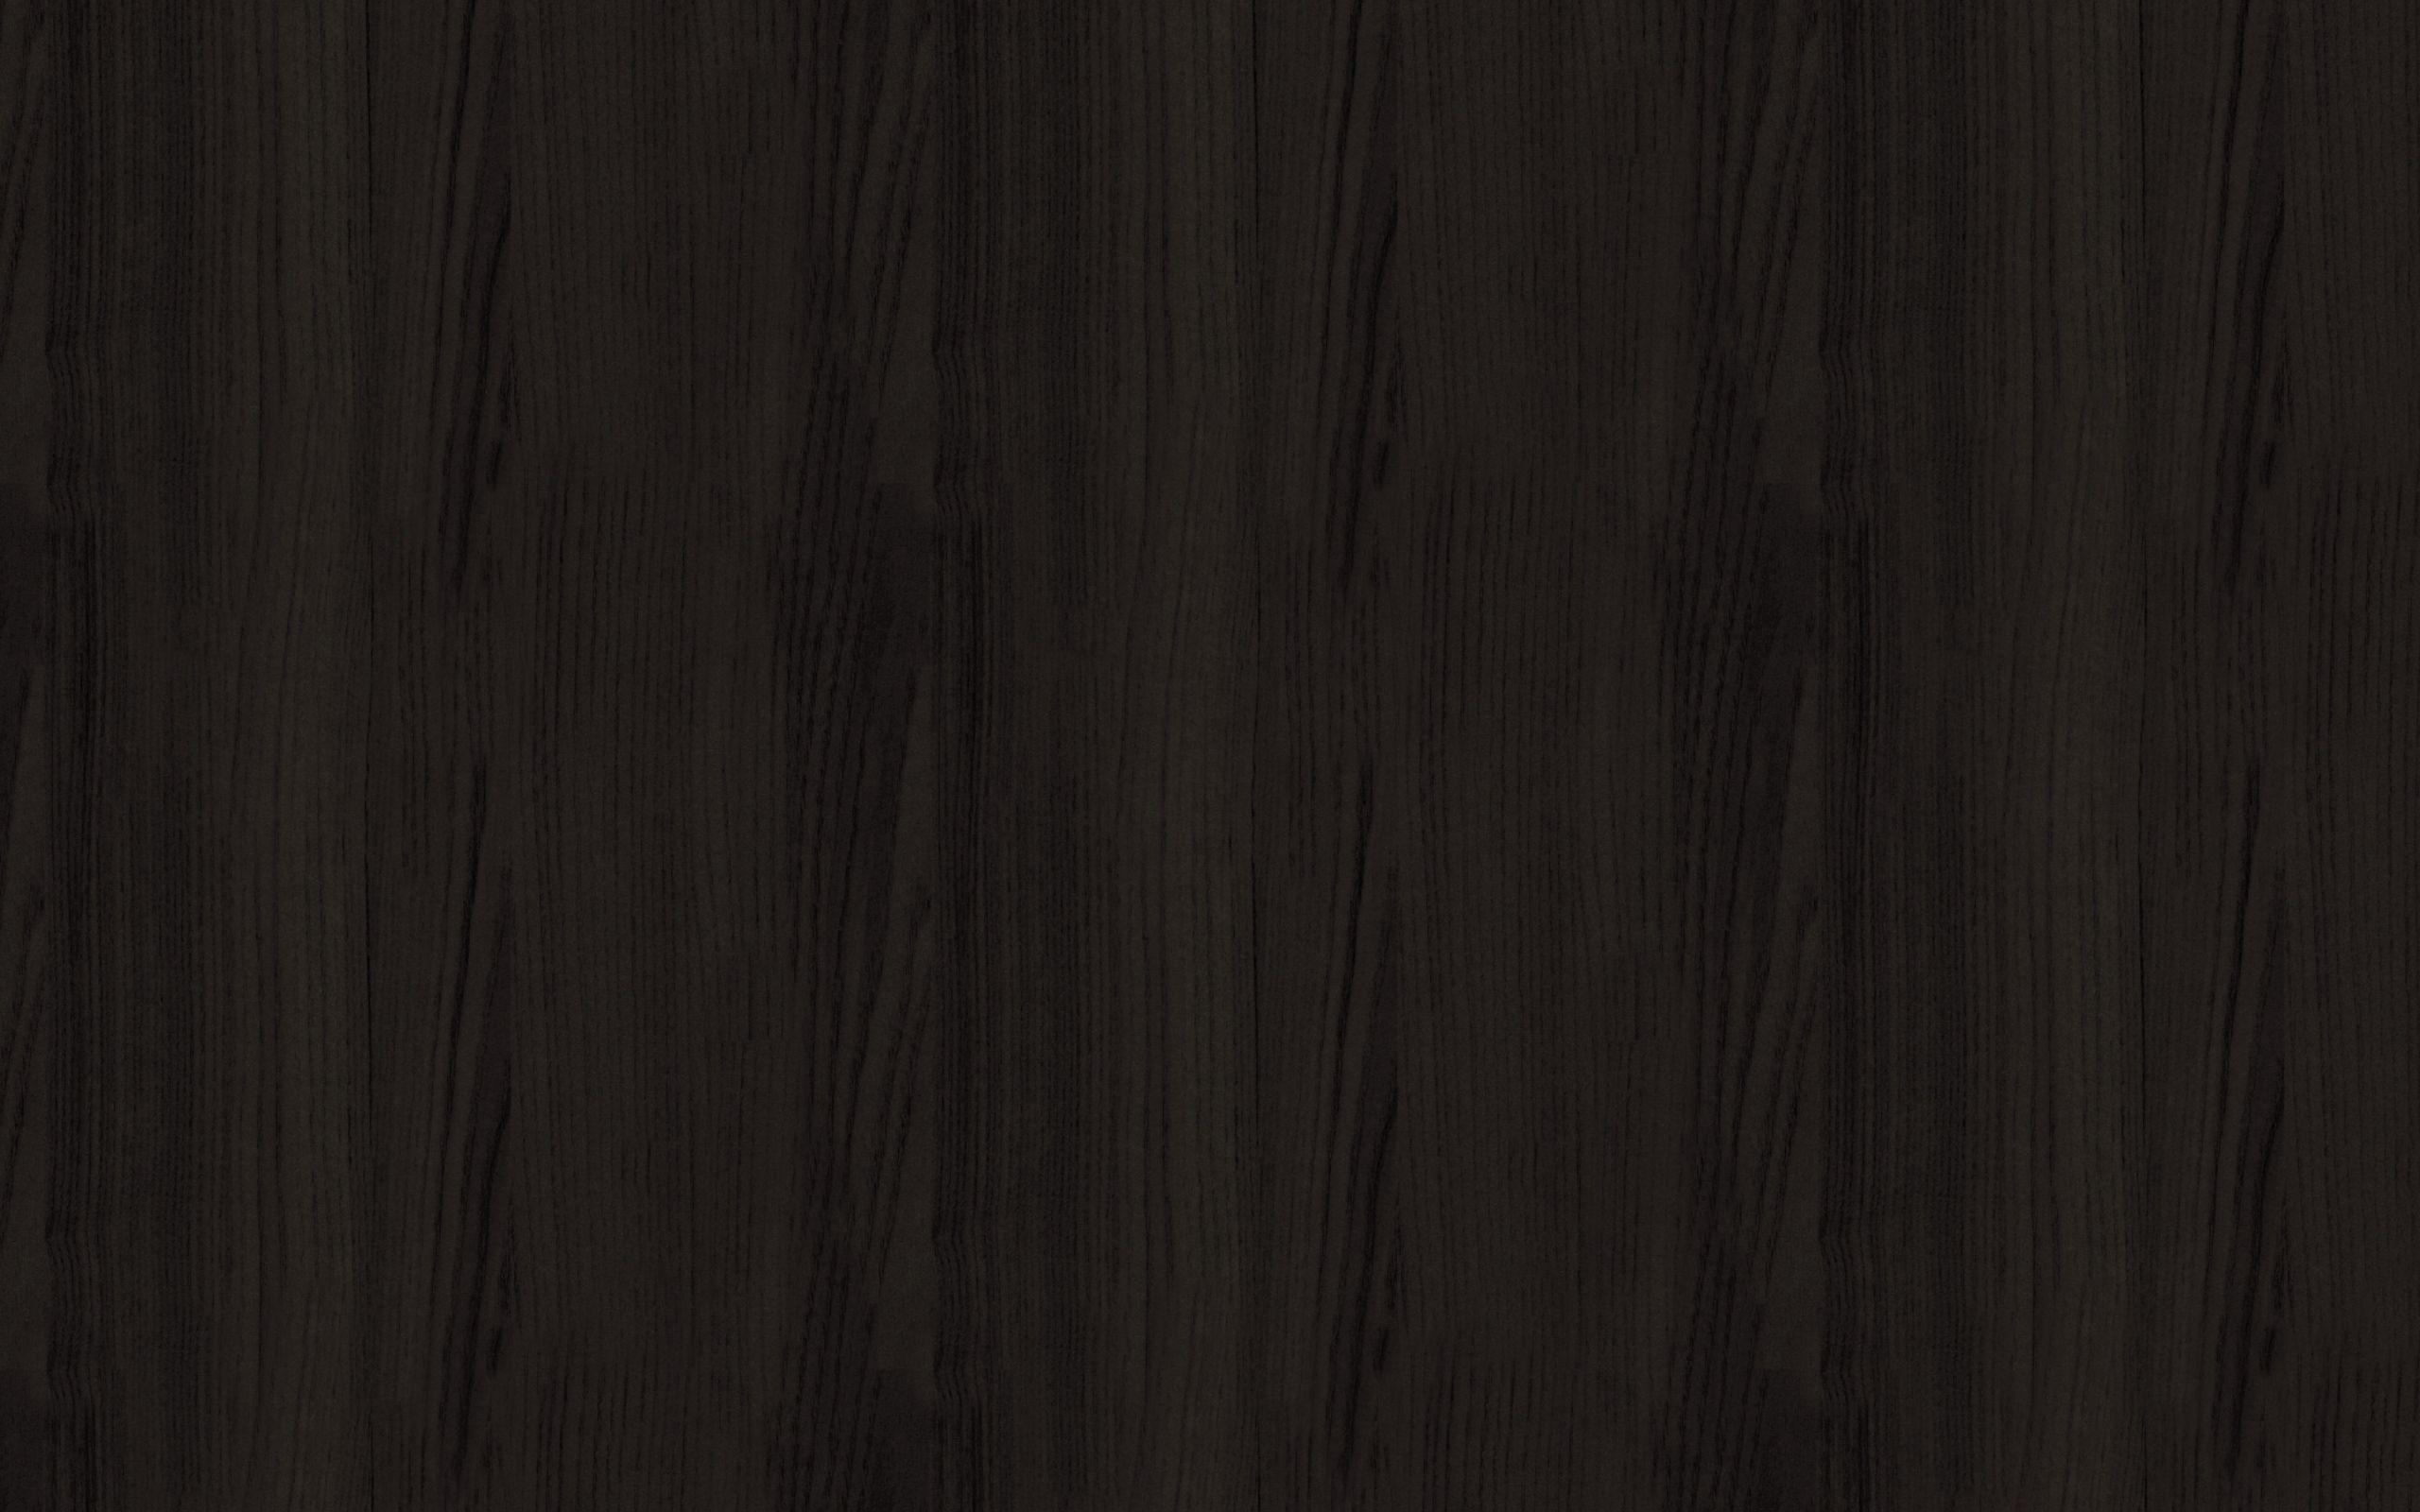 131885 скачать обои Текстуры, Фон, Дерево, Текстура, Темный - заставки и картинки бесплатно